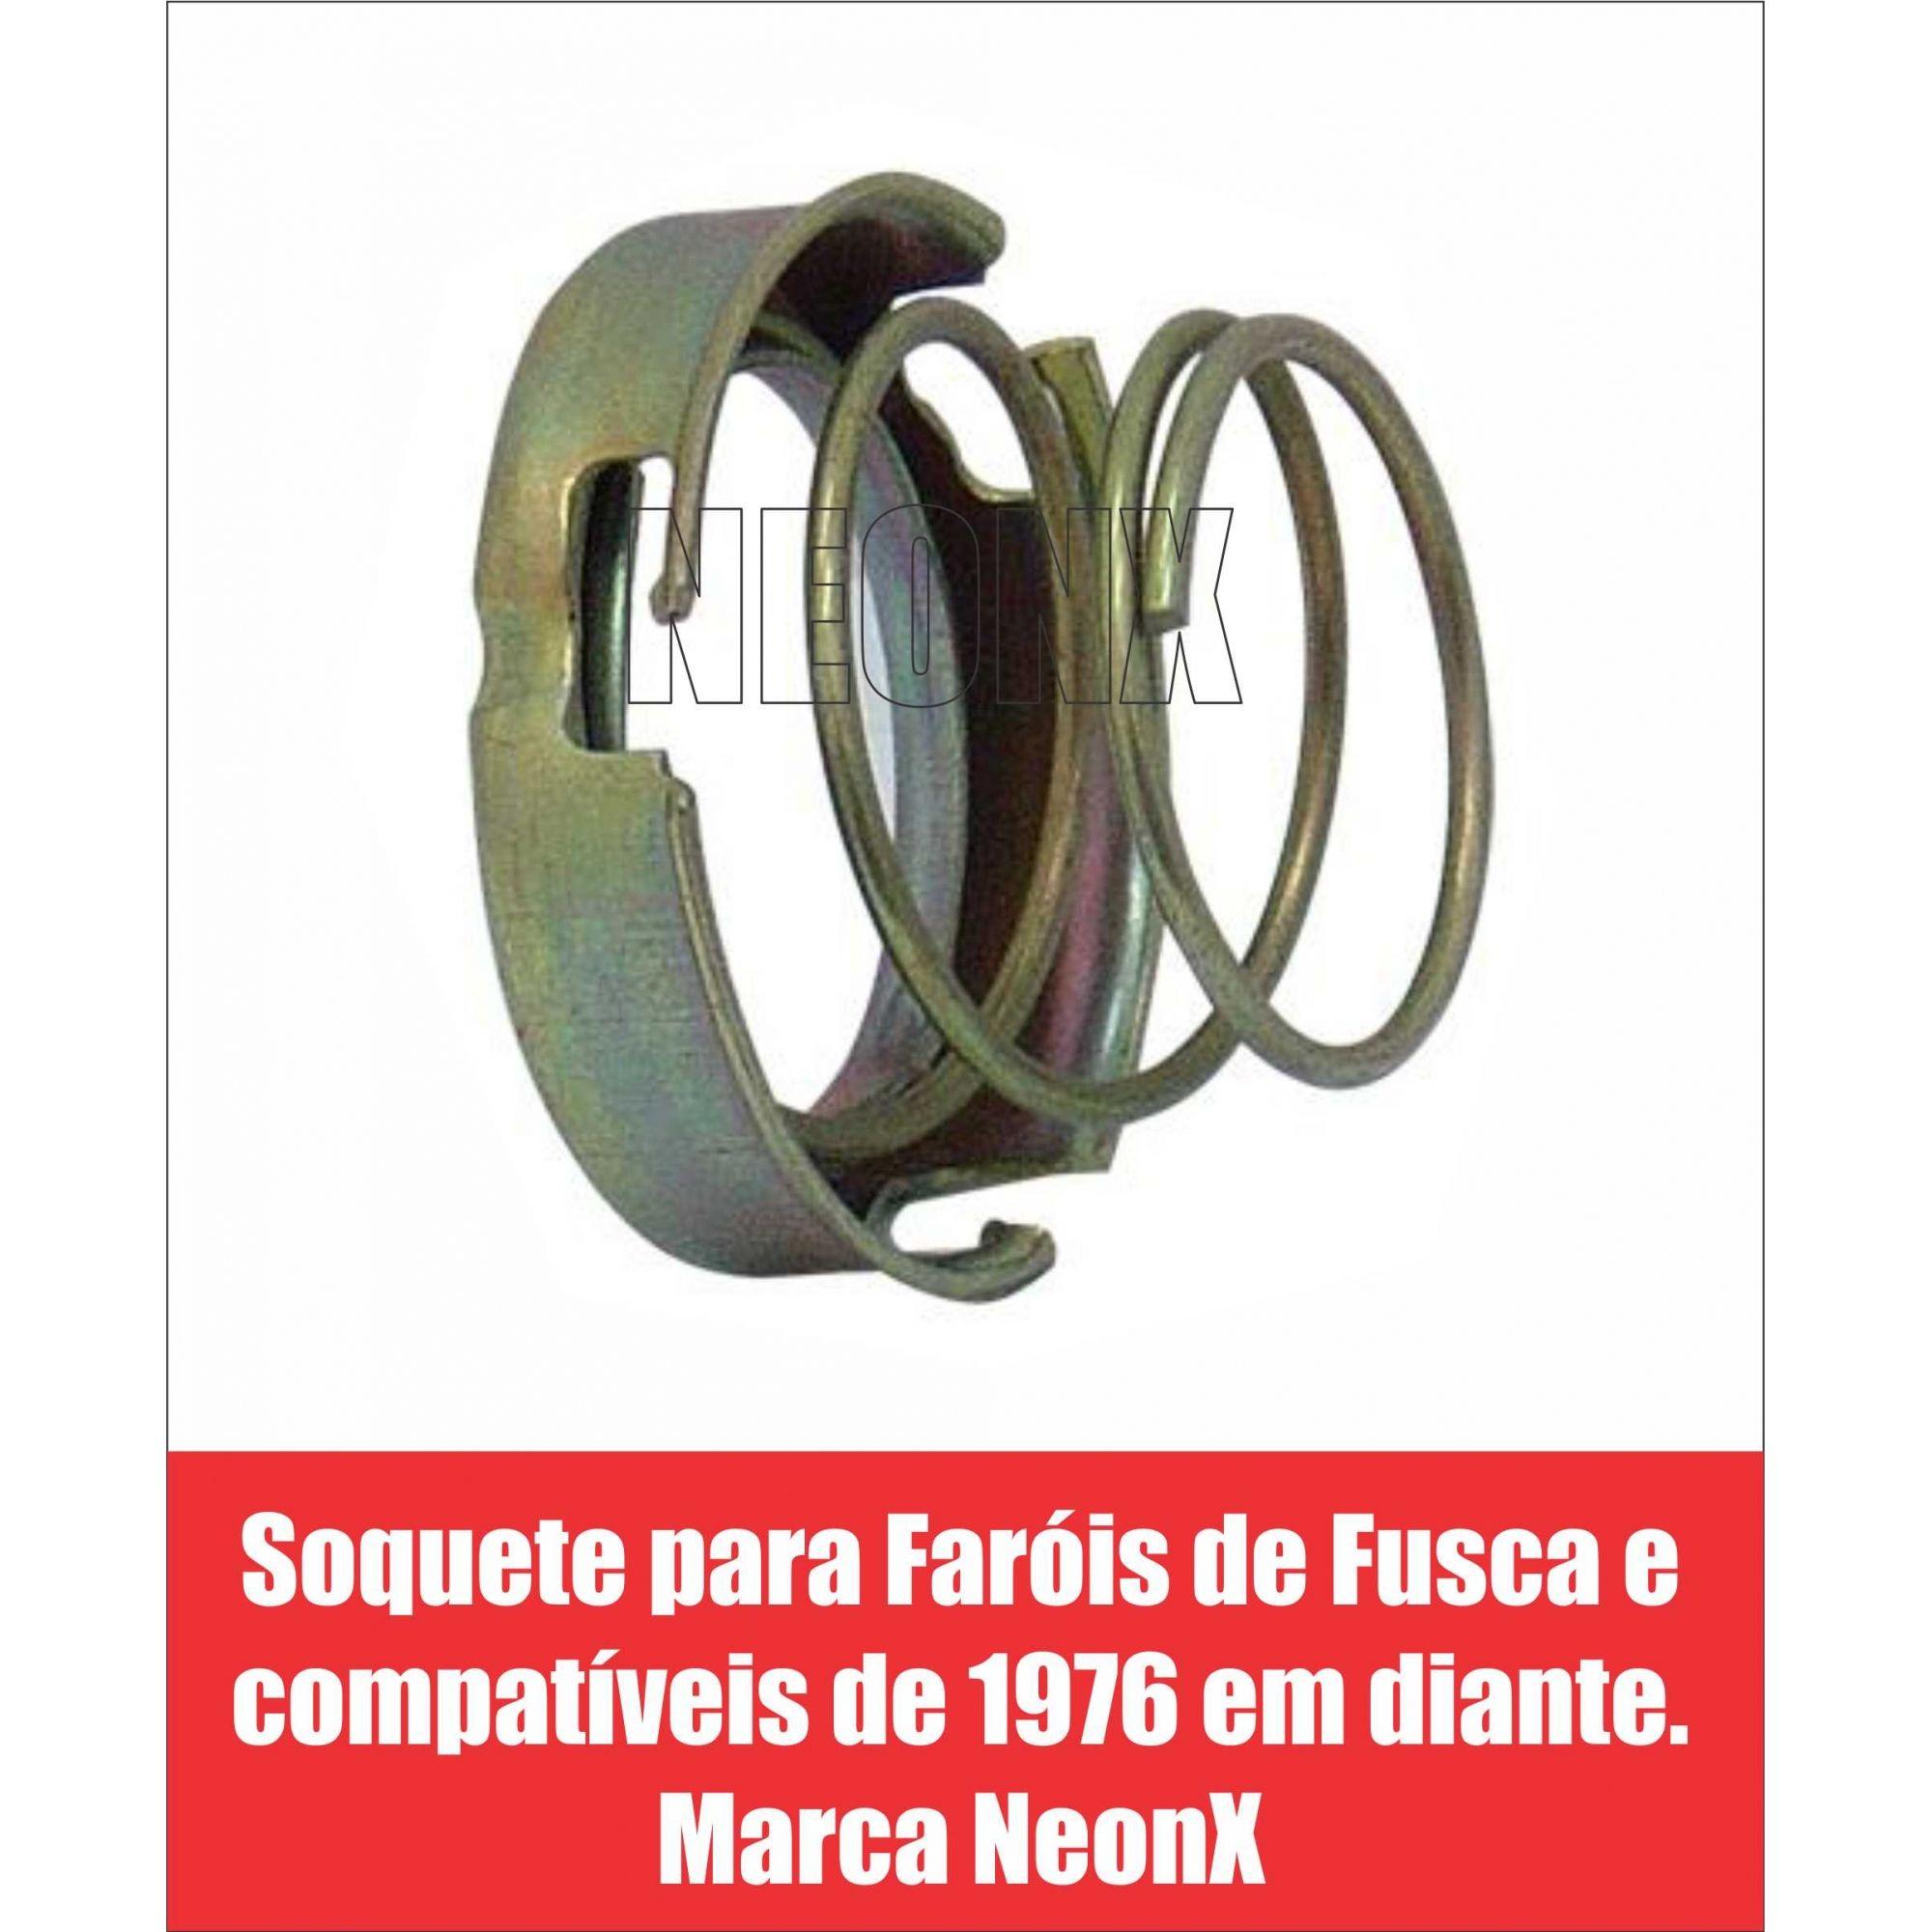 Soquete Para Farol Fusca e Compatíveis 1973/ Neonx